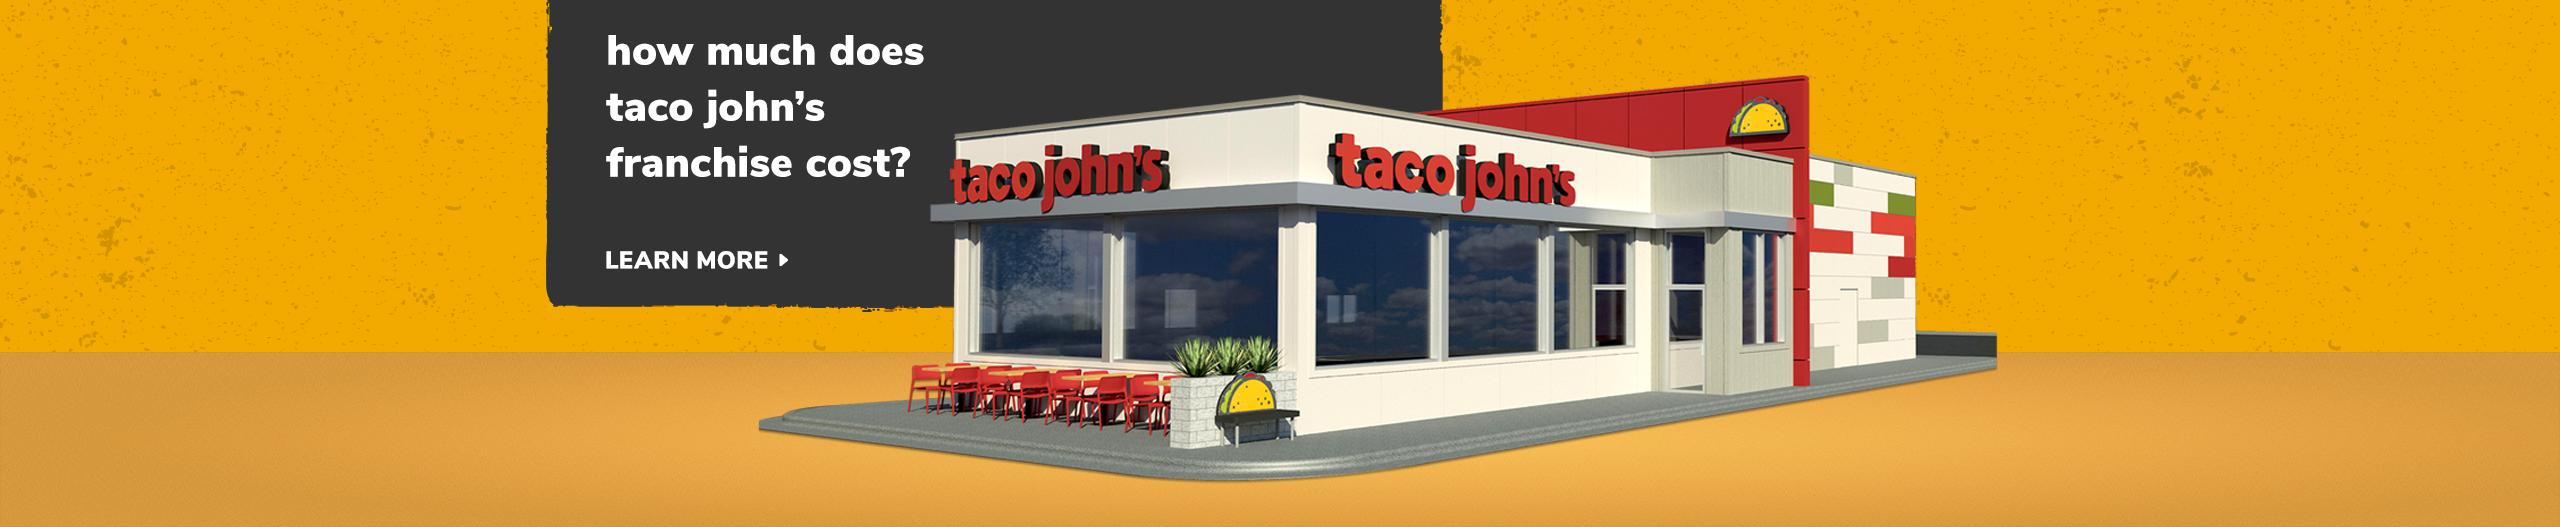 Taco John's franchise cost